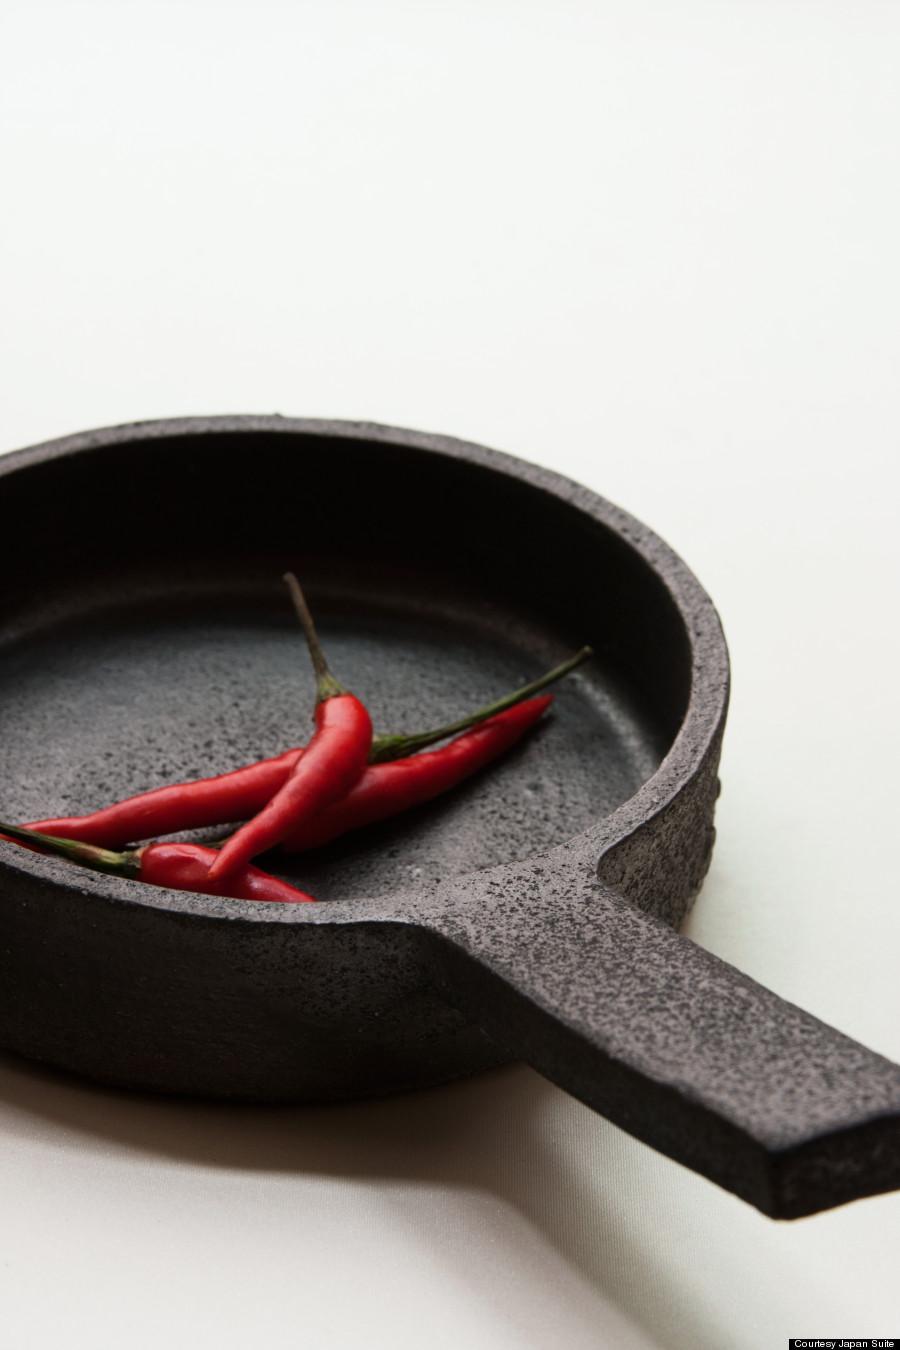 frying pan kodo kiyooka